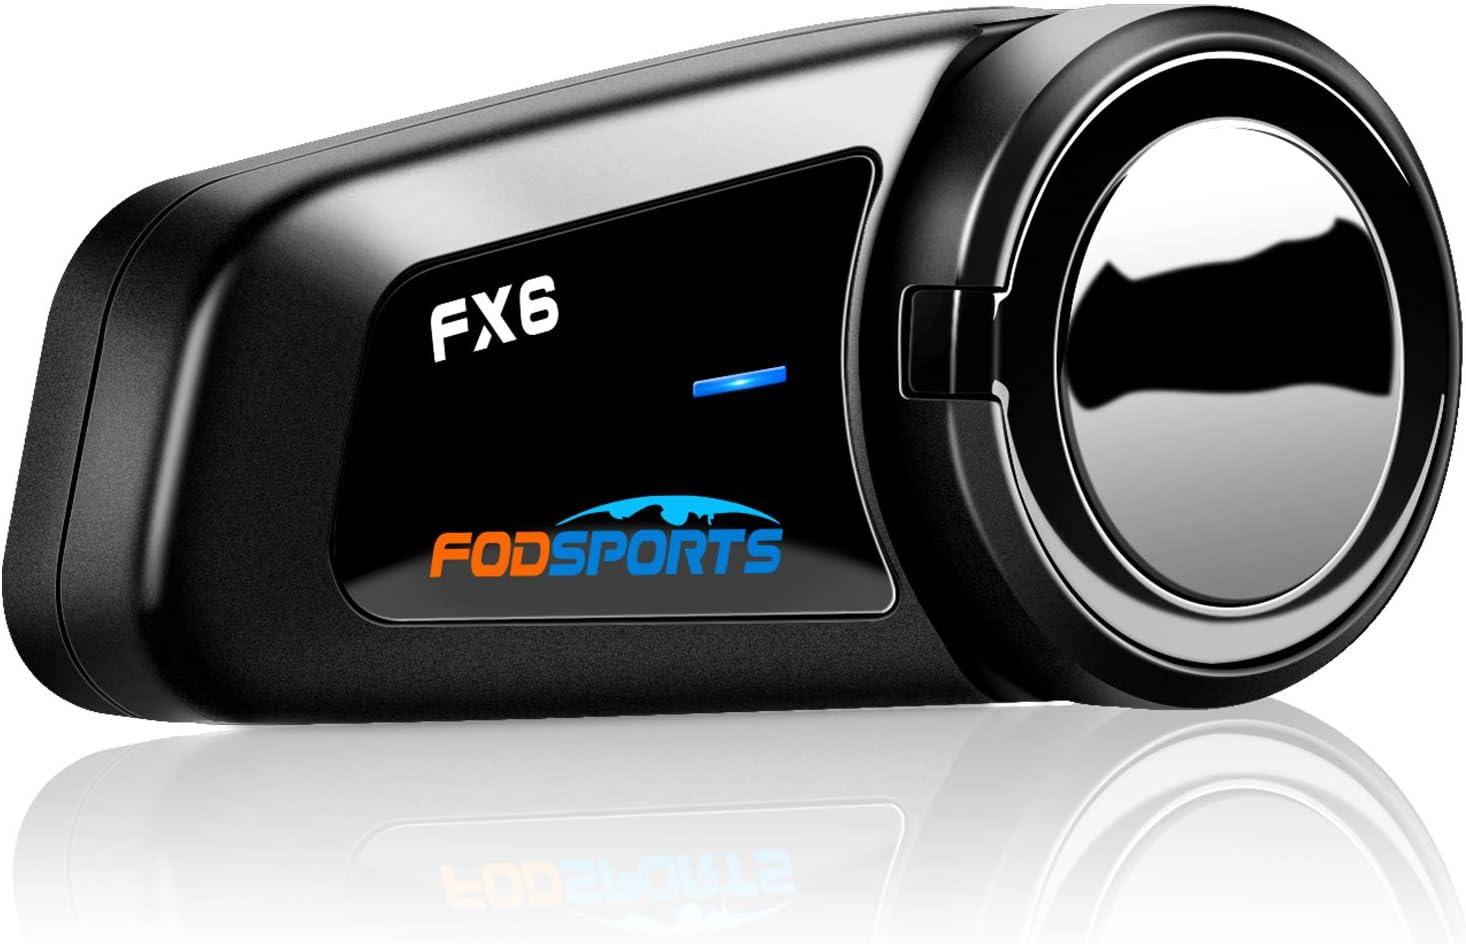 FODSPORTS FX6 Intercomunicador Casco Moto con CVC Reduce El Ruido,Sonido Estéreo Hi-Fi,Manos Libres Bluetooth Auricular con Navegación GPS por Voz,Función FM,Intercomunicador 6 Jinetes,Batería Fuerte